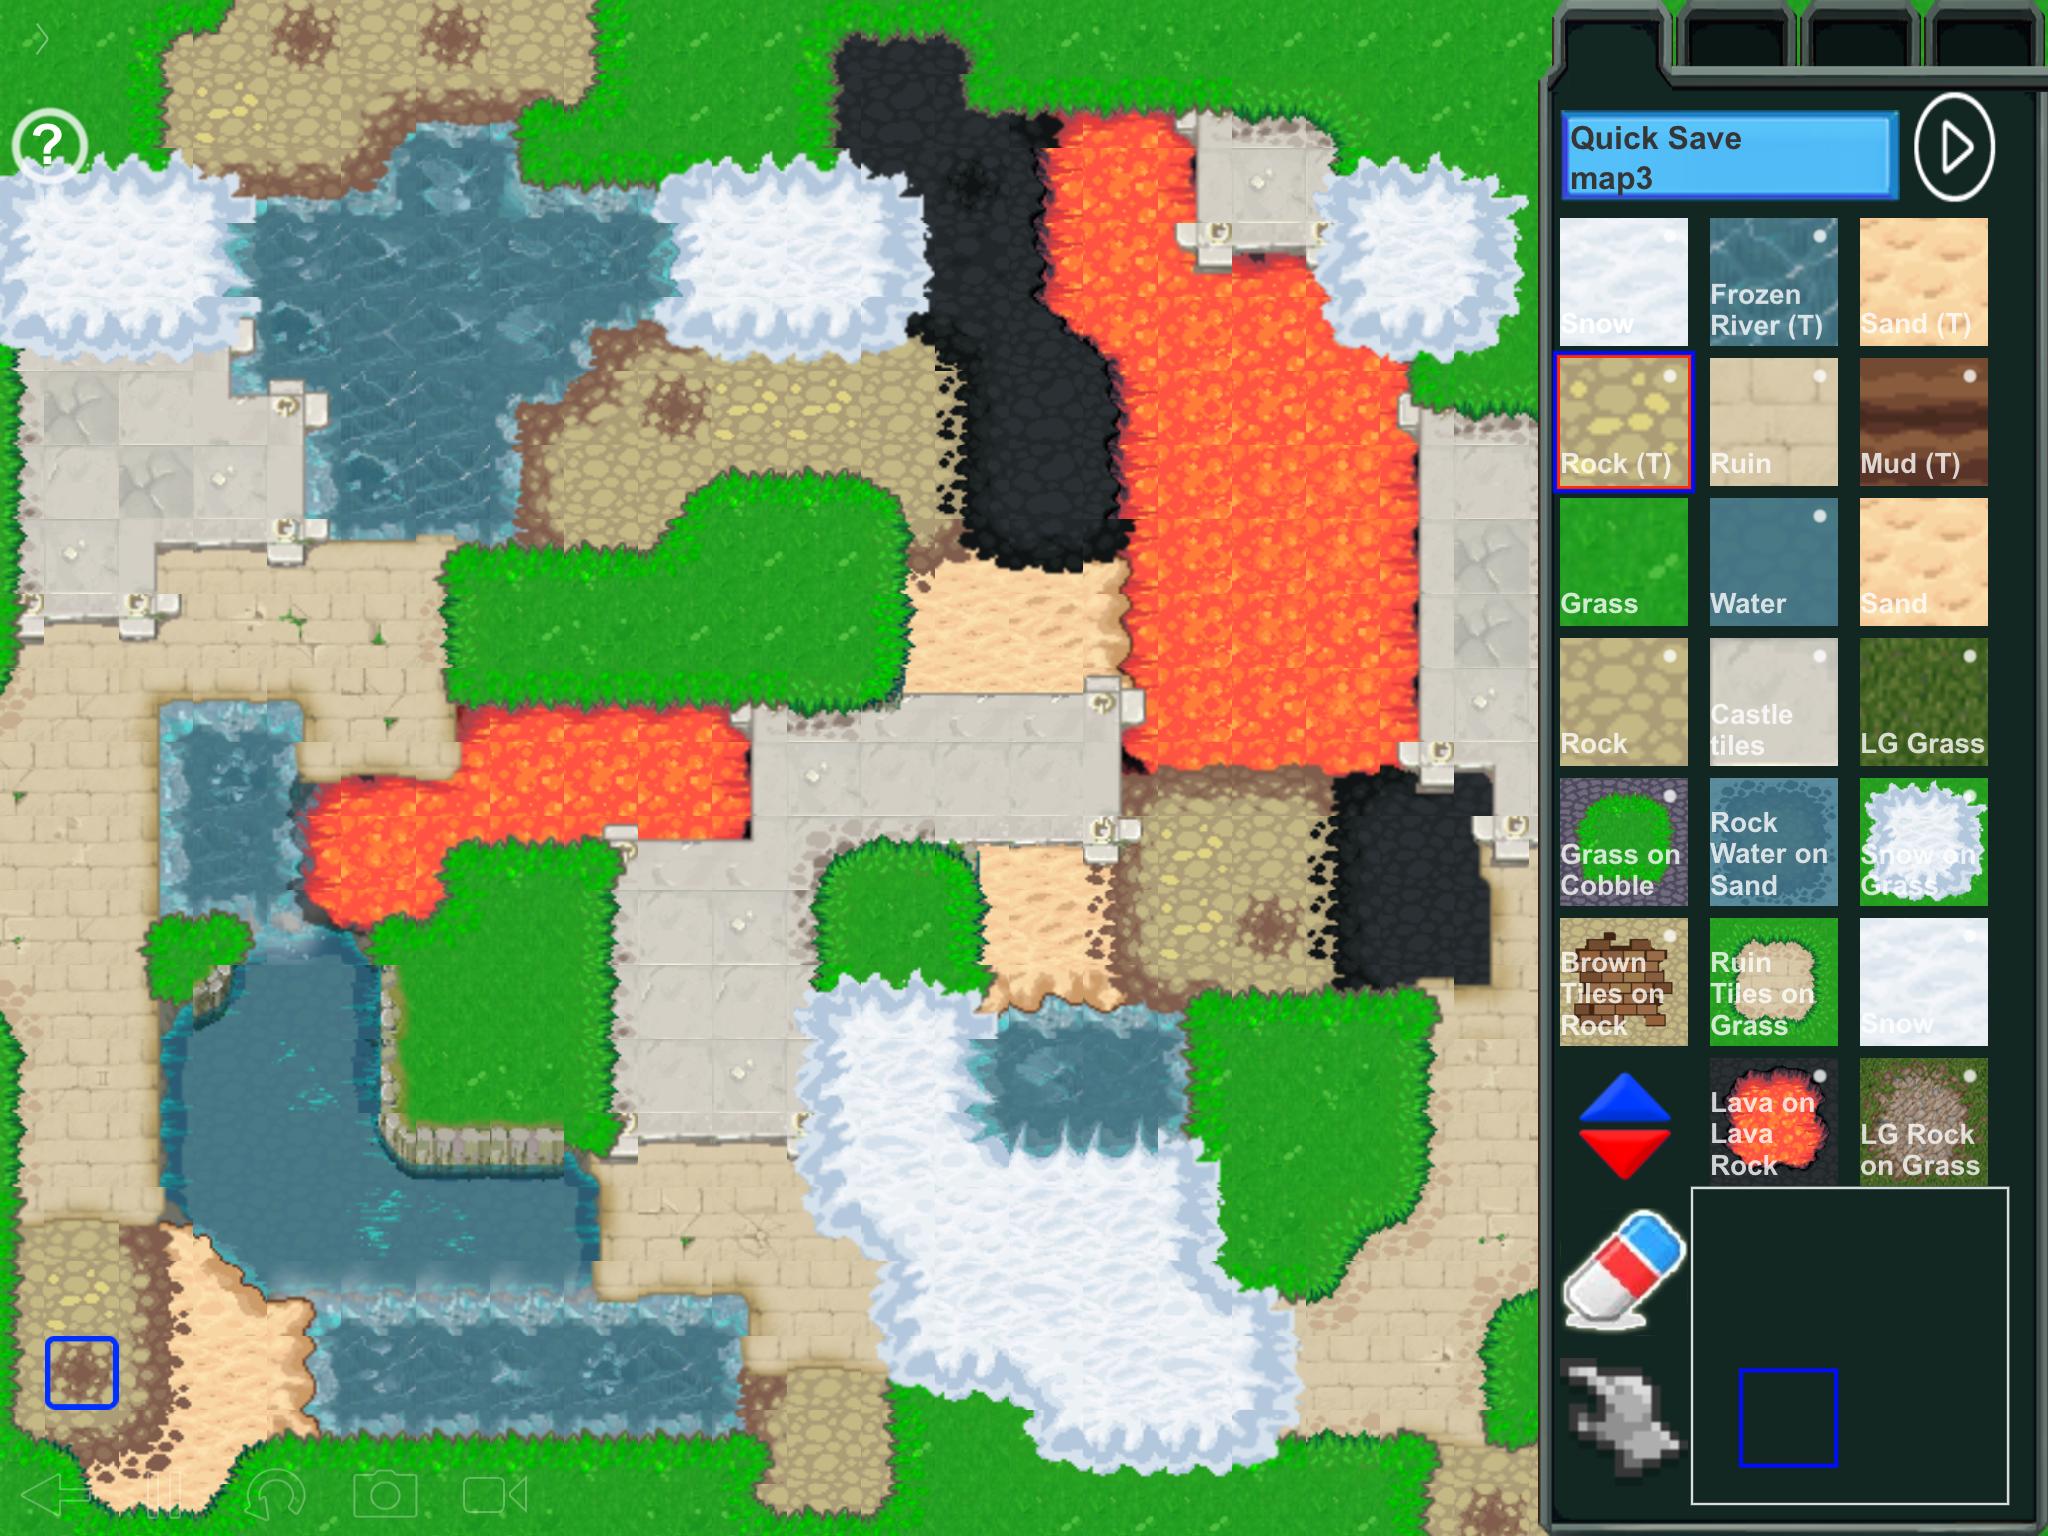 10,000 seamless LPC terrain tiles for terraforming | OpenGameArt org